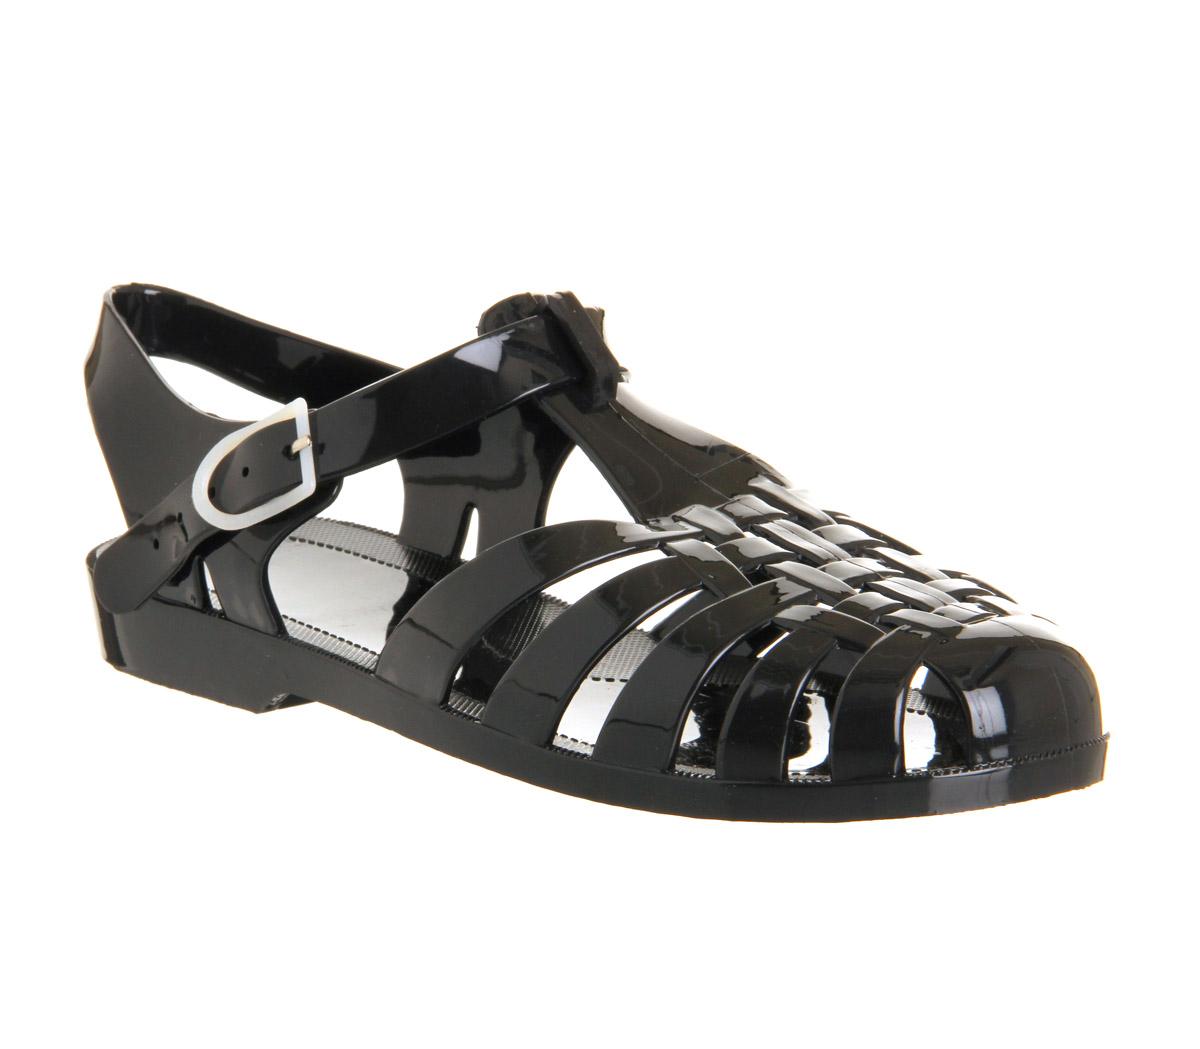 Clothes, Shoes & Accessories > Women s Shoes > Sandals & Beach Shoes